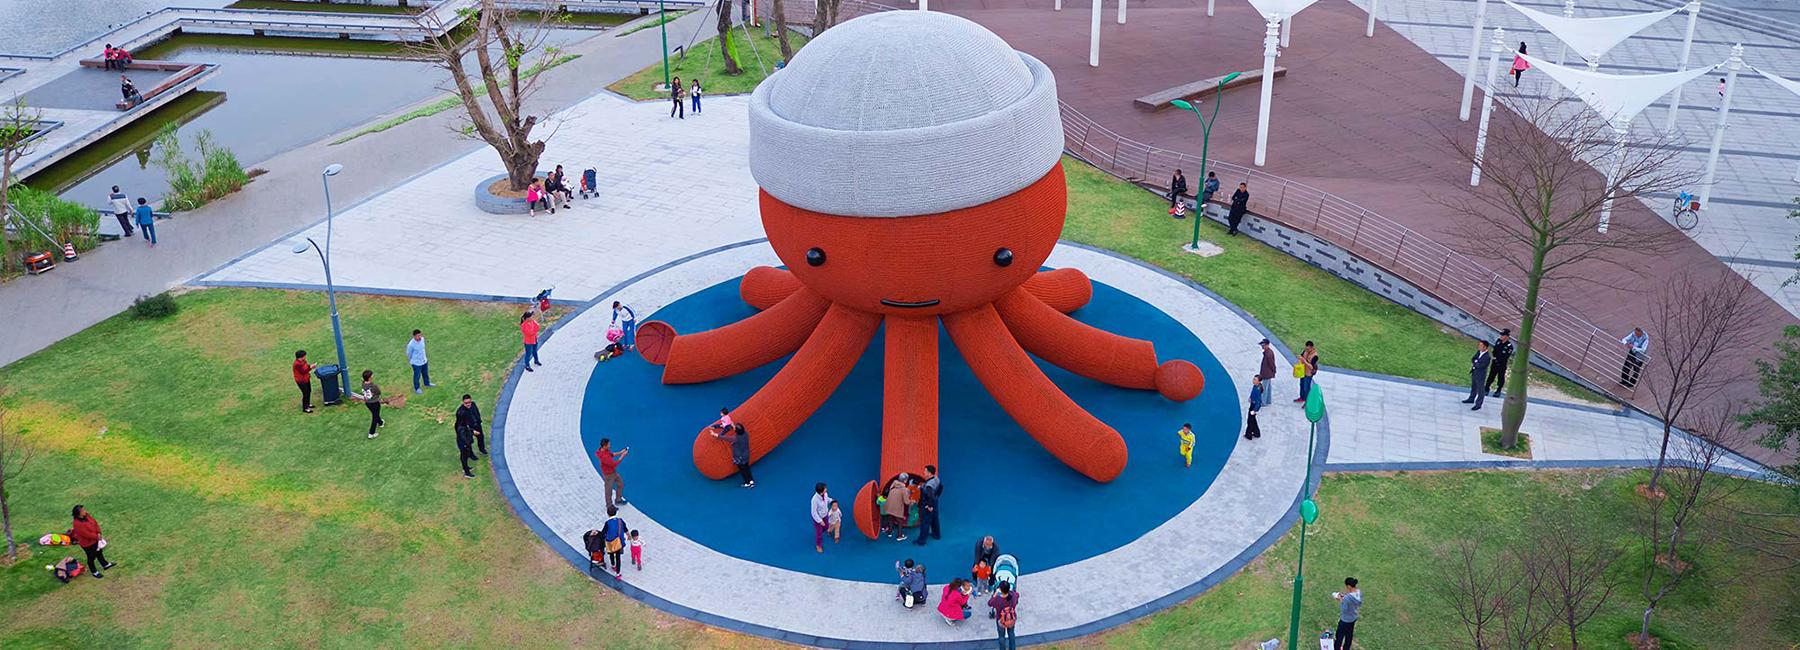 Gigantikus, nagyi-horgolta hatású polip egy kínai játszótéren